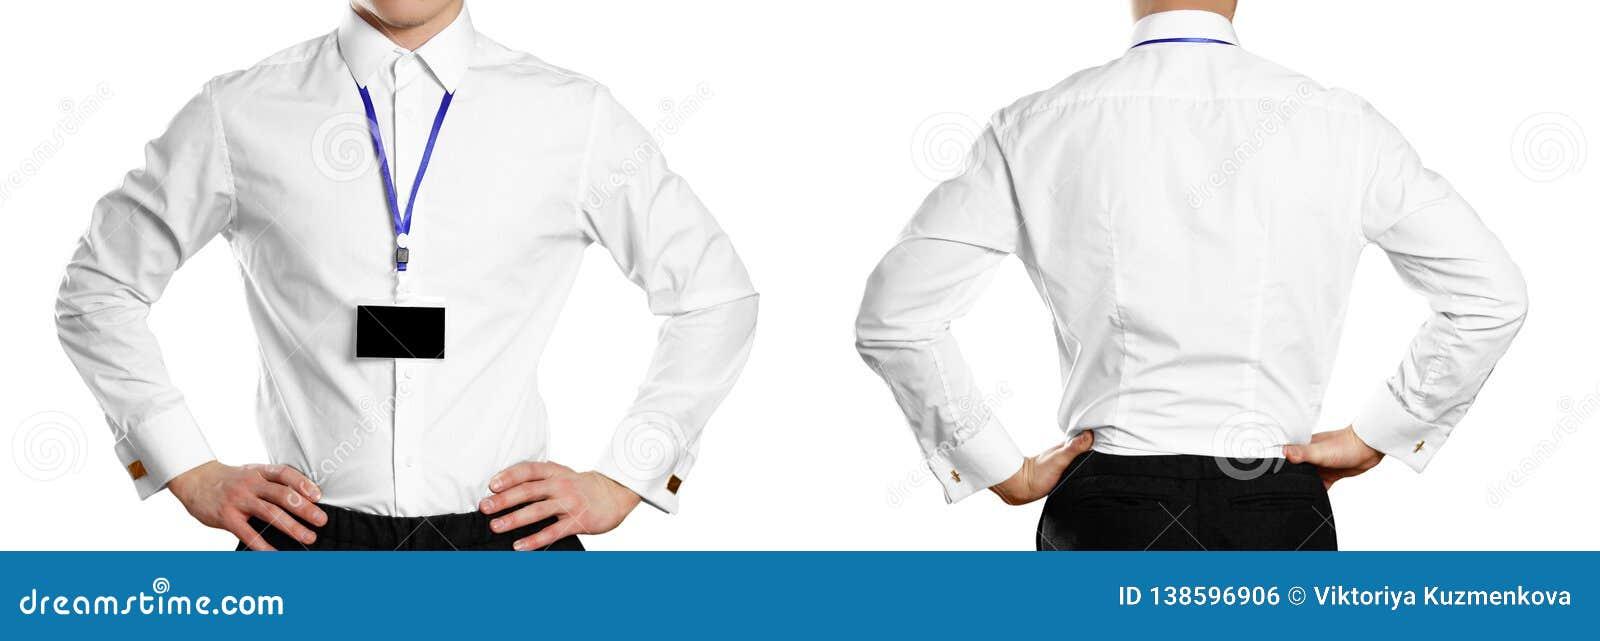 Mężczyzna w białej koszula z odznaką w przód z bliska pojedynczy białe tło